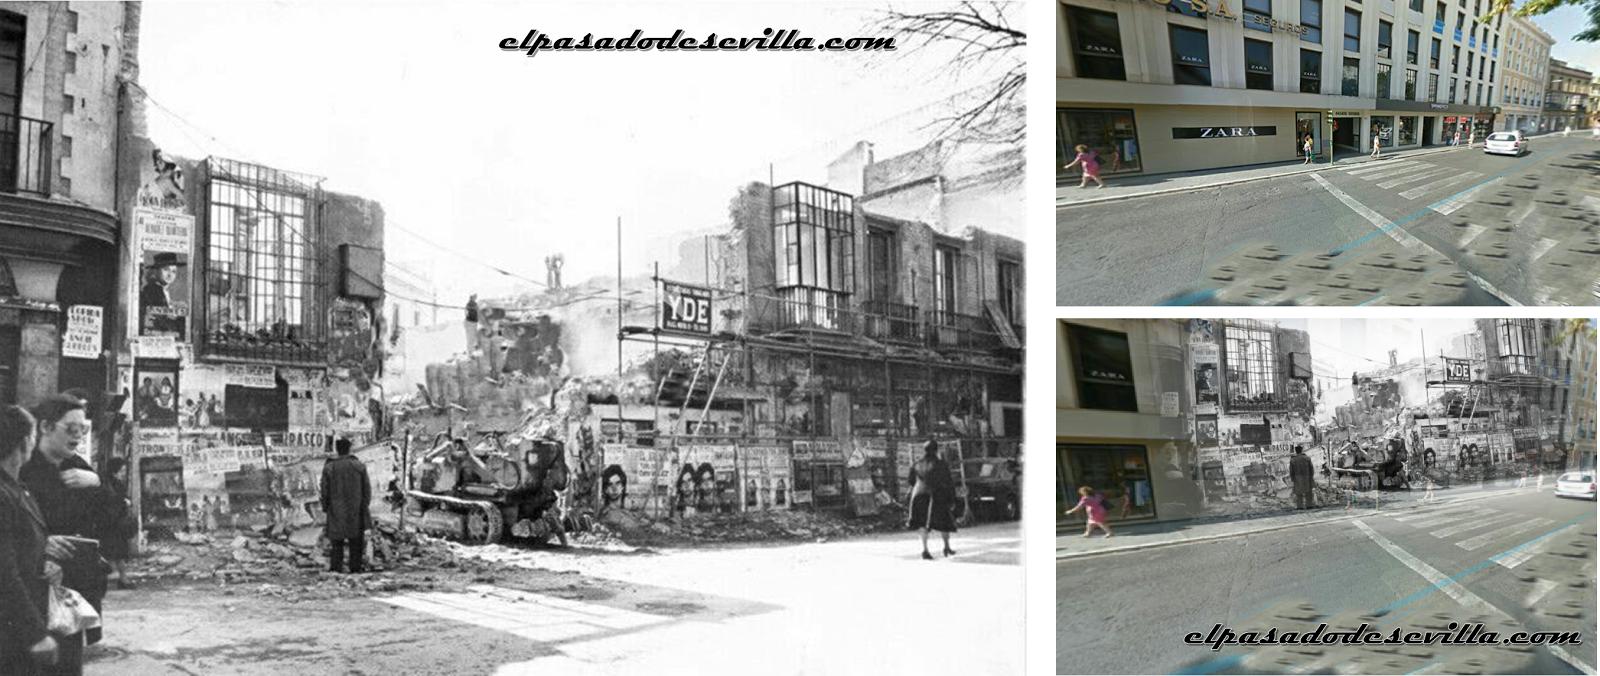 El pasado de sevilla for Muebles alarcon calle trajano